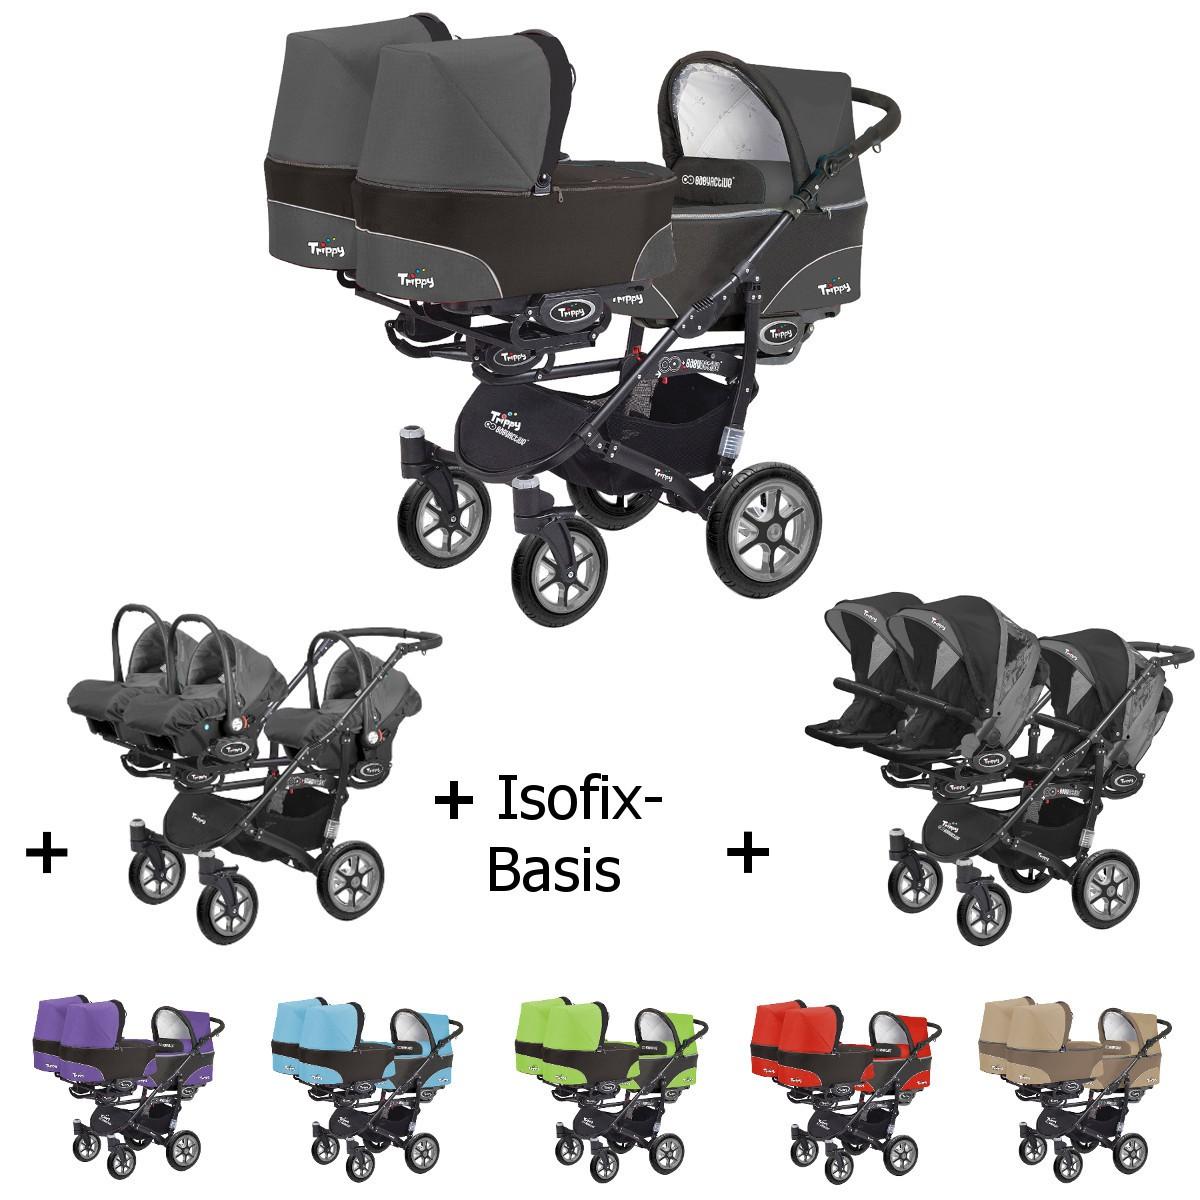 Trippy Drillings-Kombi-Kinderwagen 4in1 KOMPLETT VORTEILSSET mit 3 Babyschalen + 3 Babywannen + 3 Sportaufsätzen + 3x Isofix-Basis, 6 Farben, Gestell schwarz